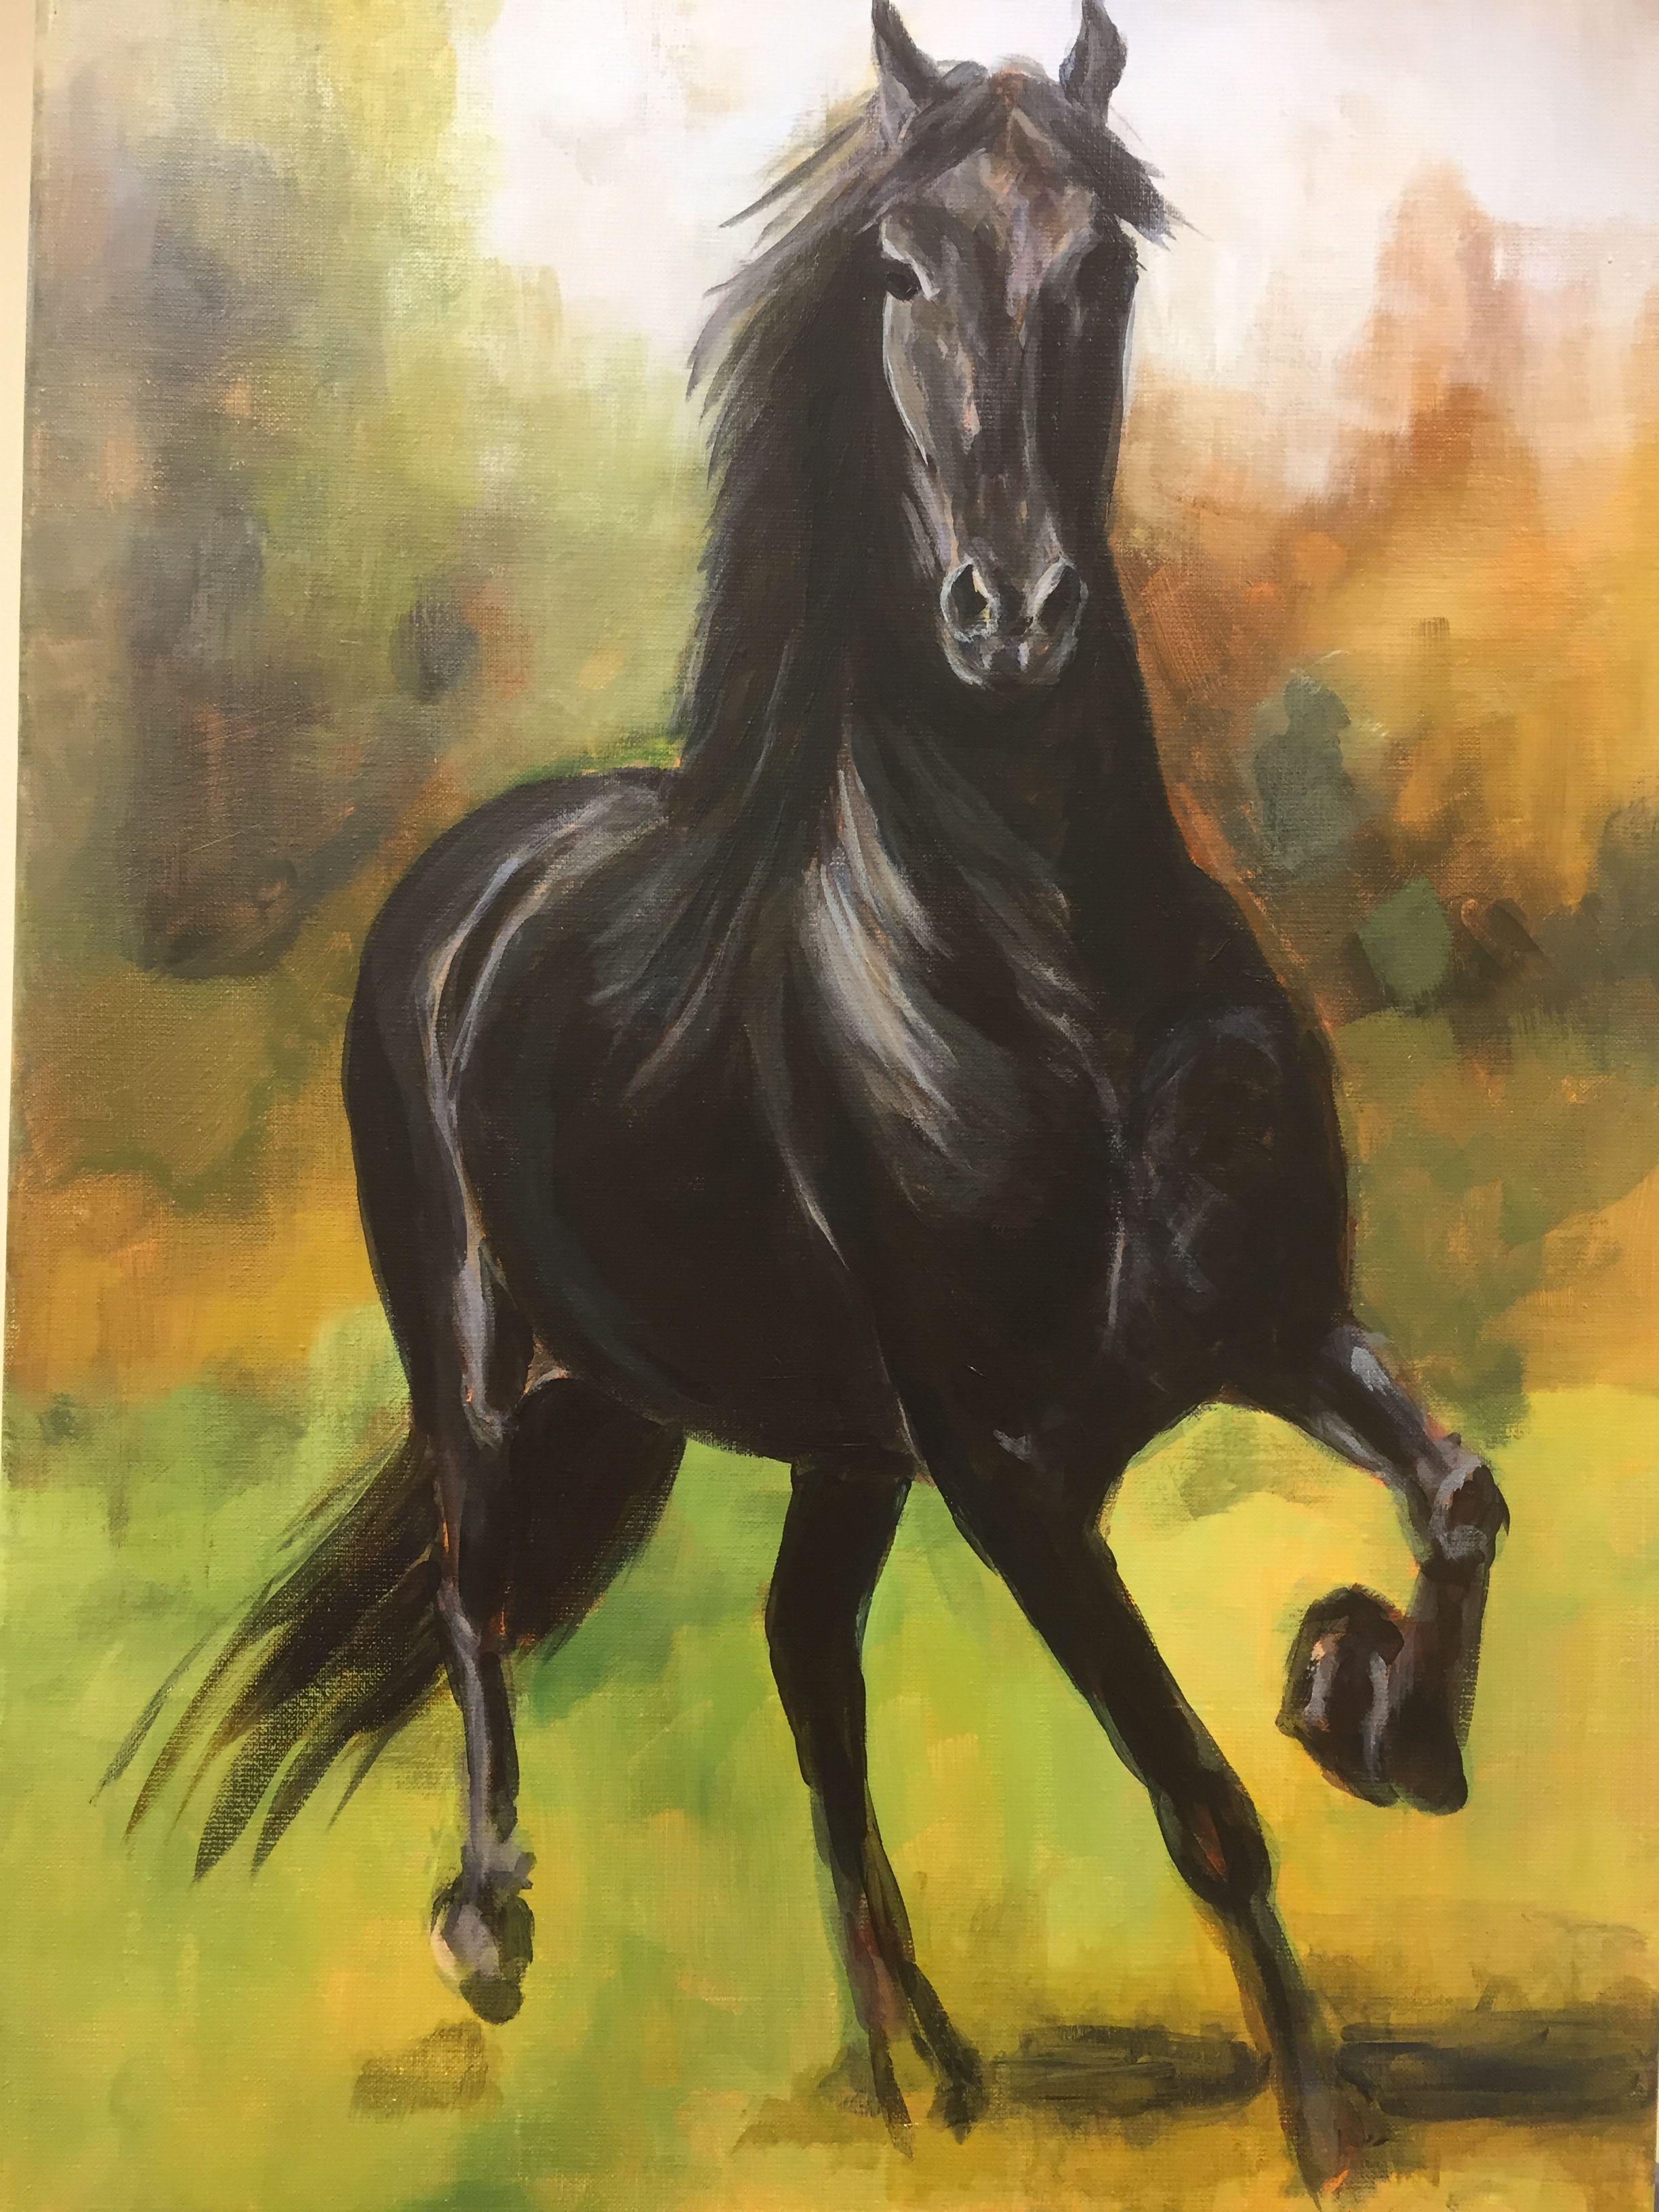 Spiksplinternieuw Fries paard schilderij 50x70 cm Acrylverf | Paard schilderij UY-26